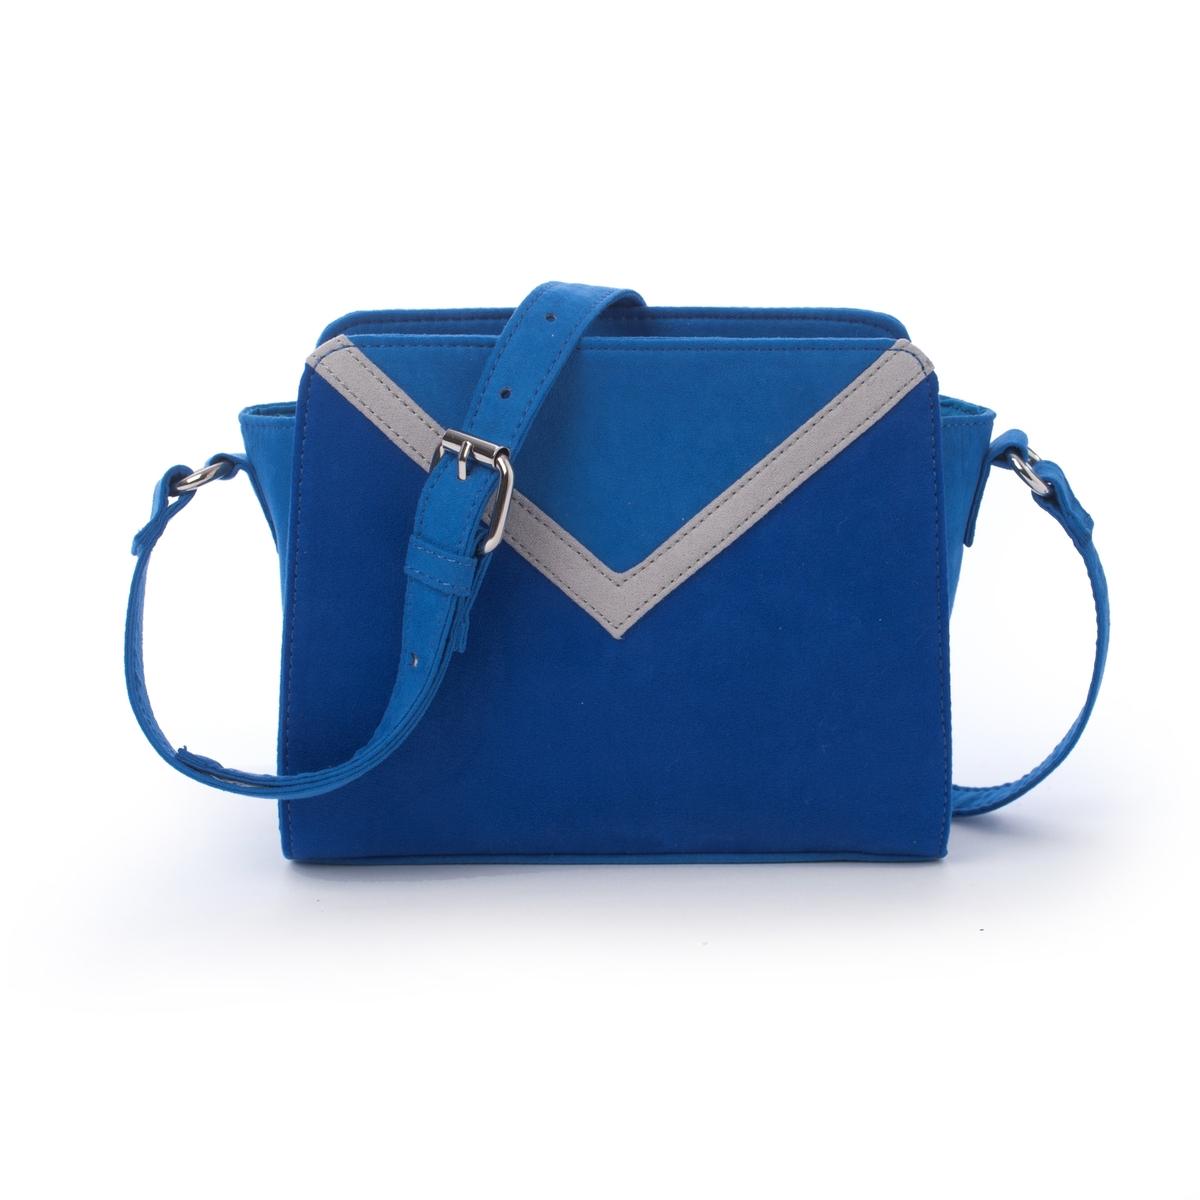 Сумка-клатчСостав и описаниеМатериал: верх  из полиуретана.Подкладка из полиэстера.Марка: R Edition.Размеры: В.15 x Д.18 x Г.6 см.Застежка: на молнию.Имеется ручка: регулируемая, несъемная.<br><br>Цвет: красный/ оранжевый,темно-синий/синий<br>Размер: единый размер.единый размер